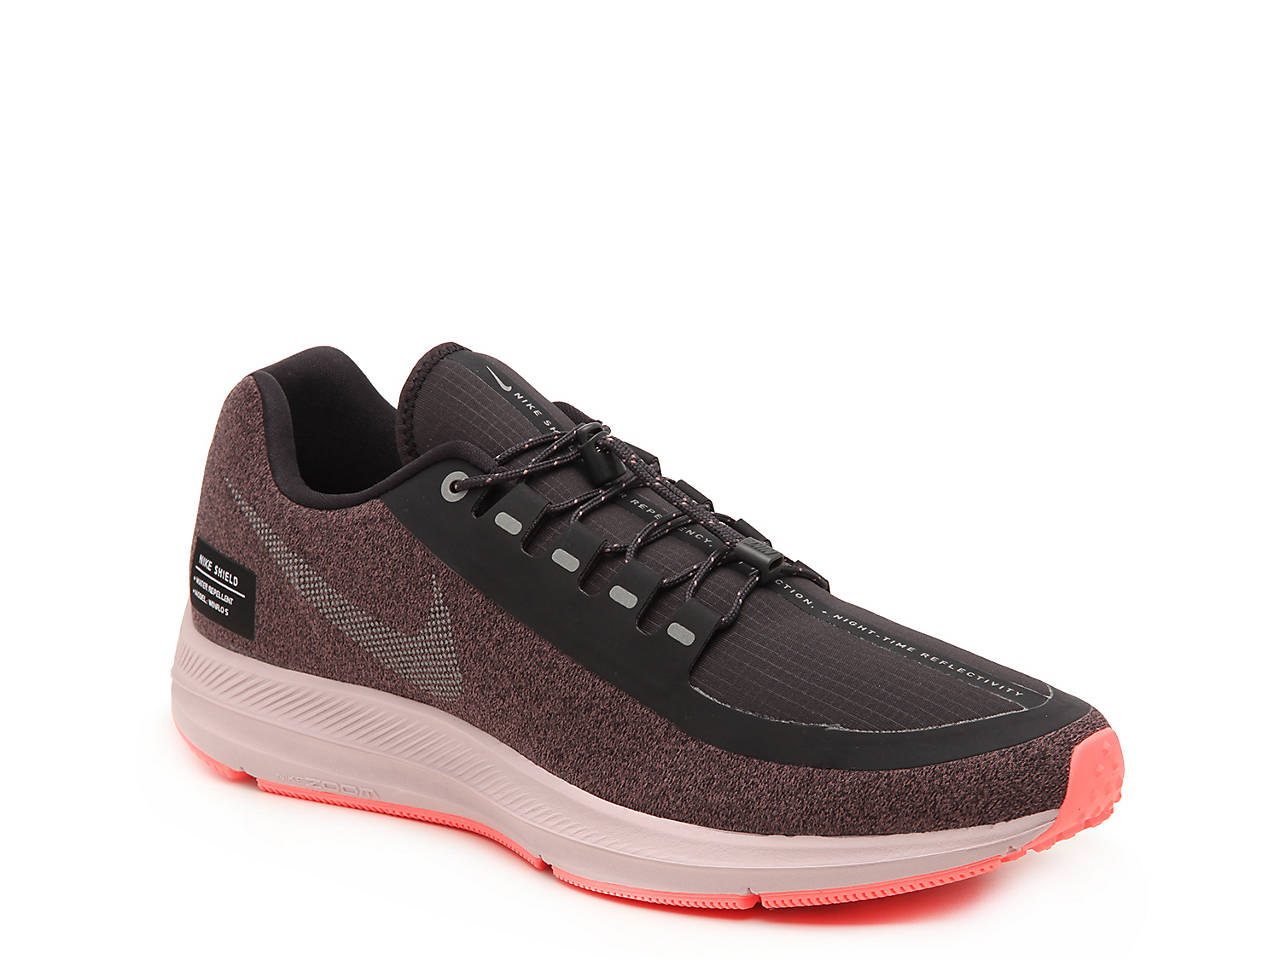 990d8e50d782b Nike Winflo 5 Utility Lightweight Running Shoe - Women s Women s ...